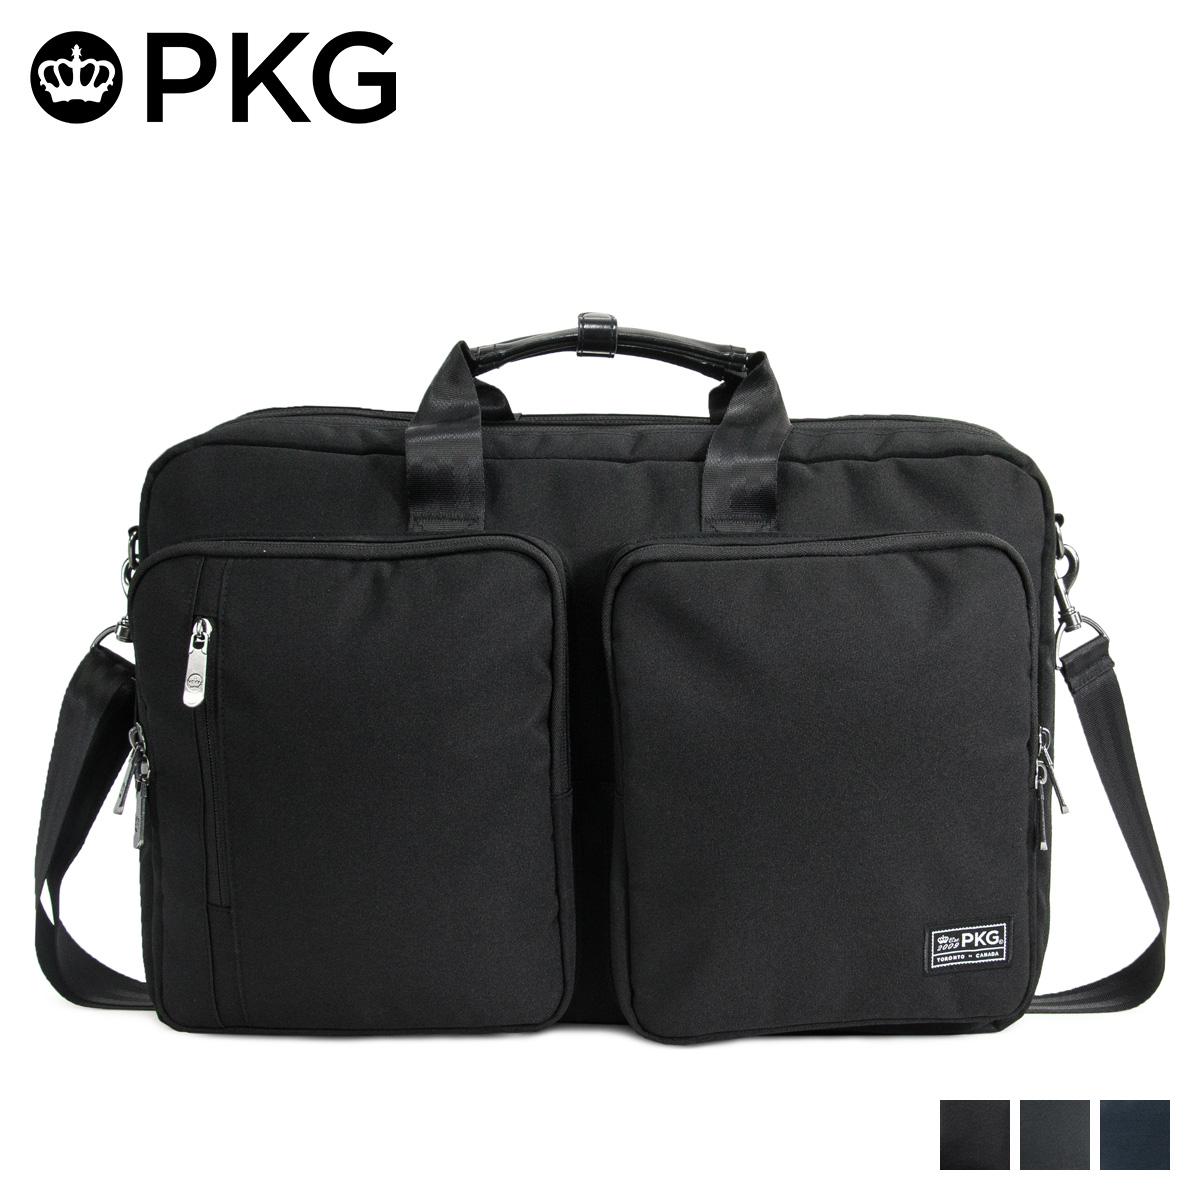 ピーケージー PKG バッグ リュック ショルダーバッグ メンズ レディース 3WAY 30L TRENTON ブラック チャコールグレー ネイビー 黒 20TR